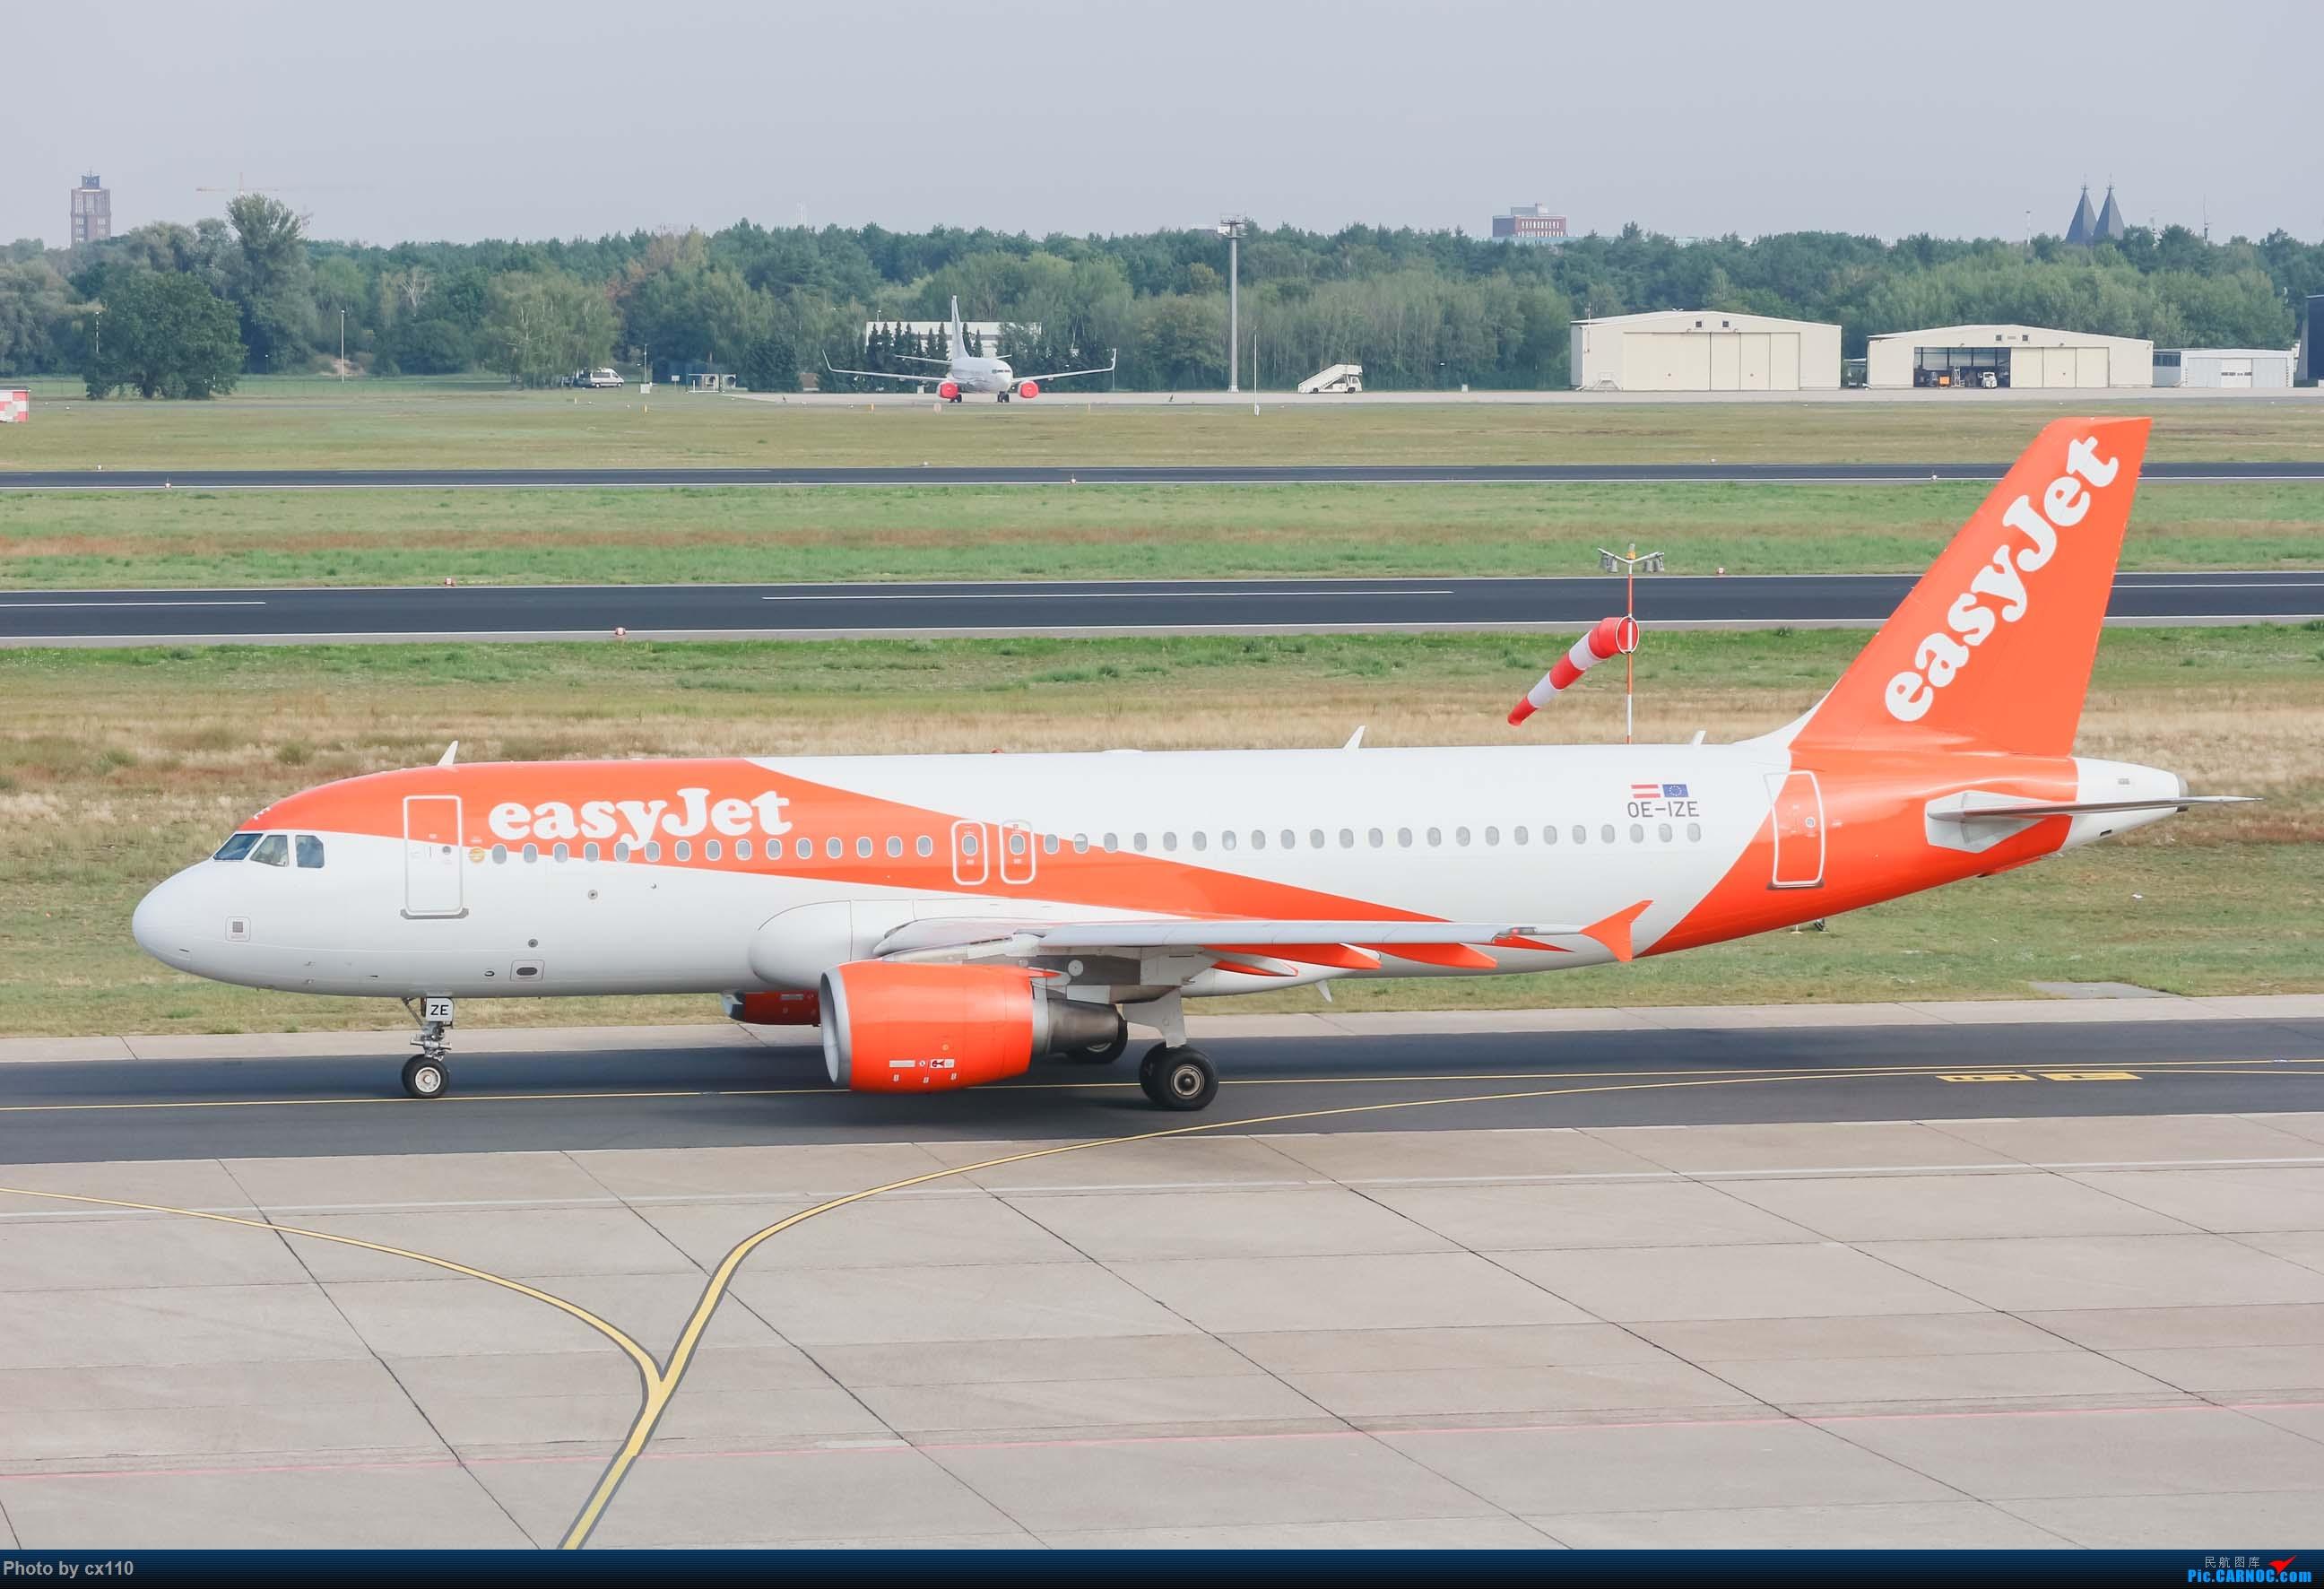 Re:[原创]欧洲机场拍机记-柏林/赫尔辛基/布拉格 AIRBUS A320-200 OE-IZE 德国柏林泰格尔机场